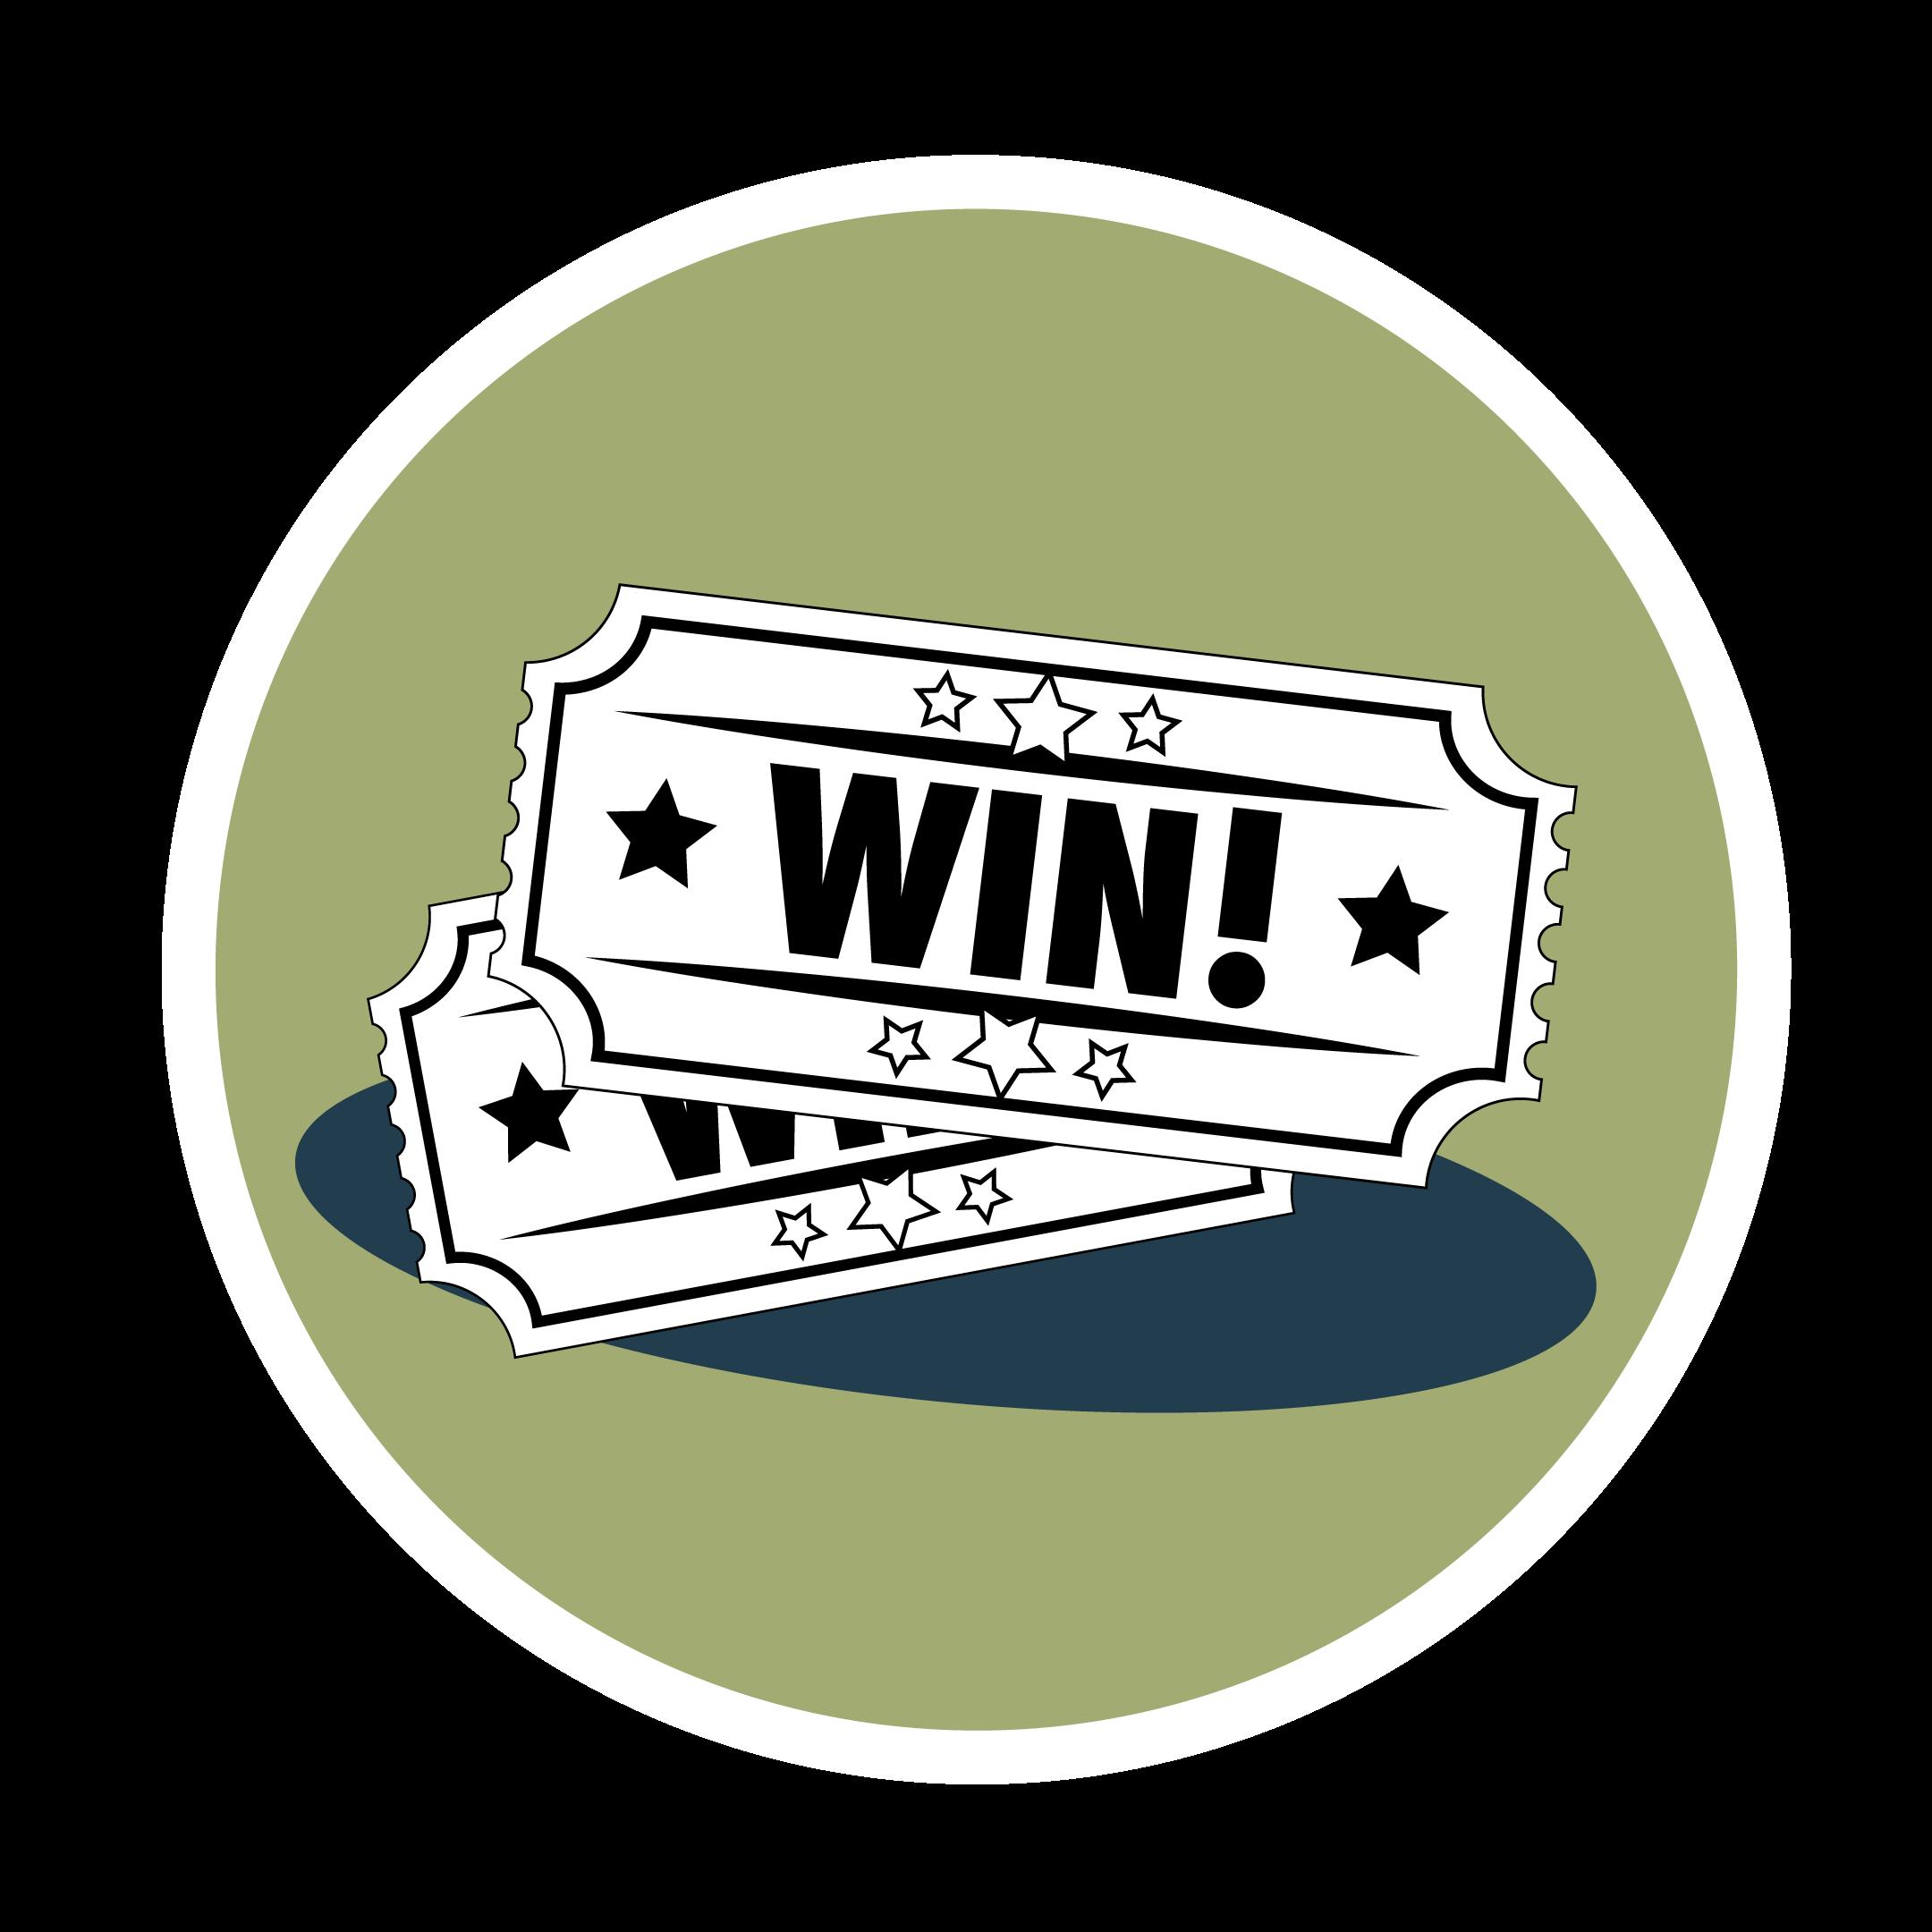 Win big! -